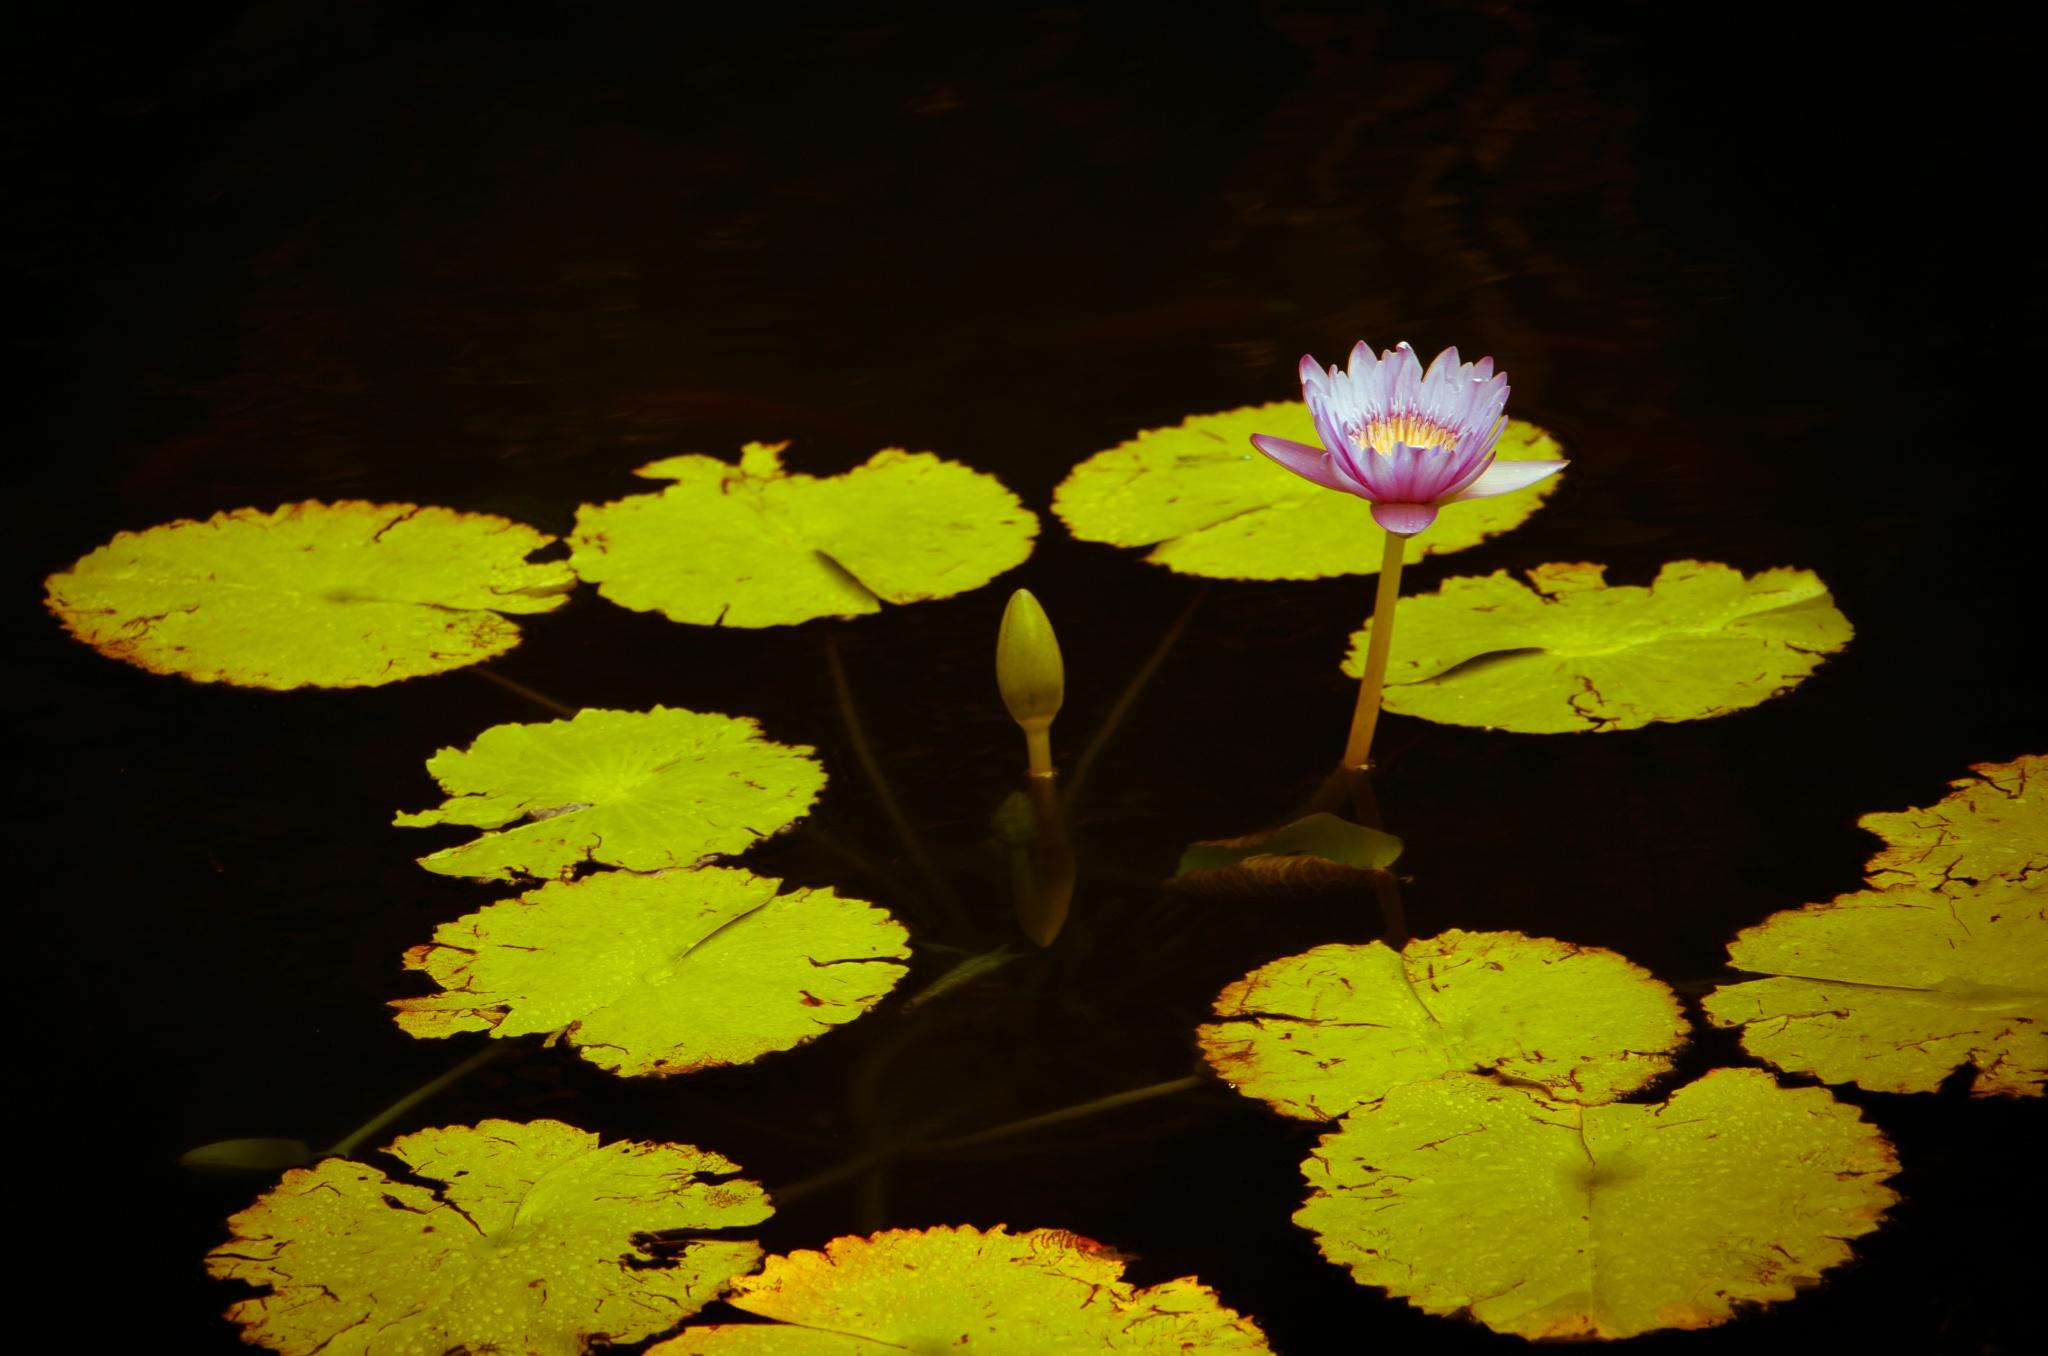 Blossom by Annalyn Diaz